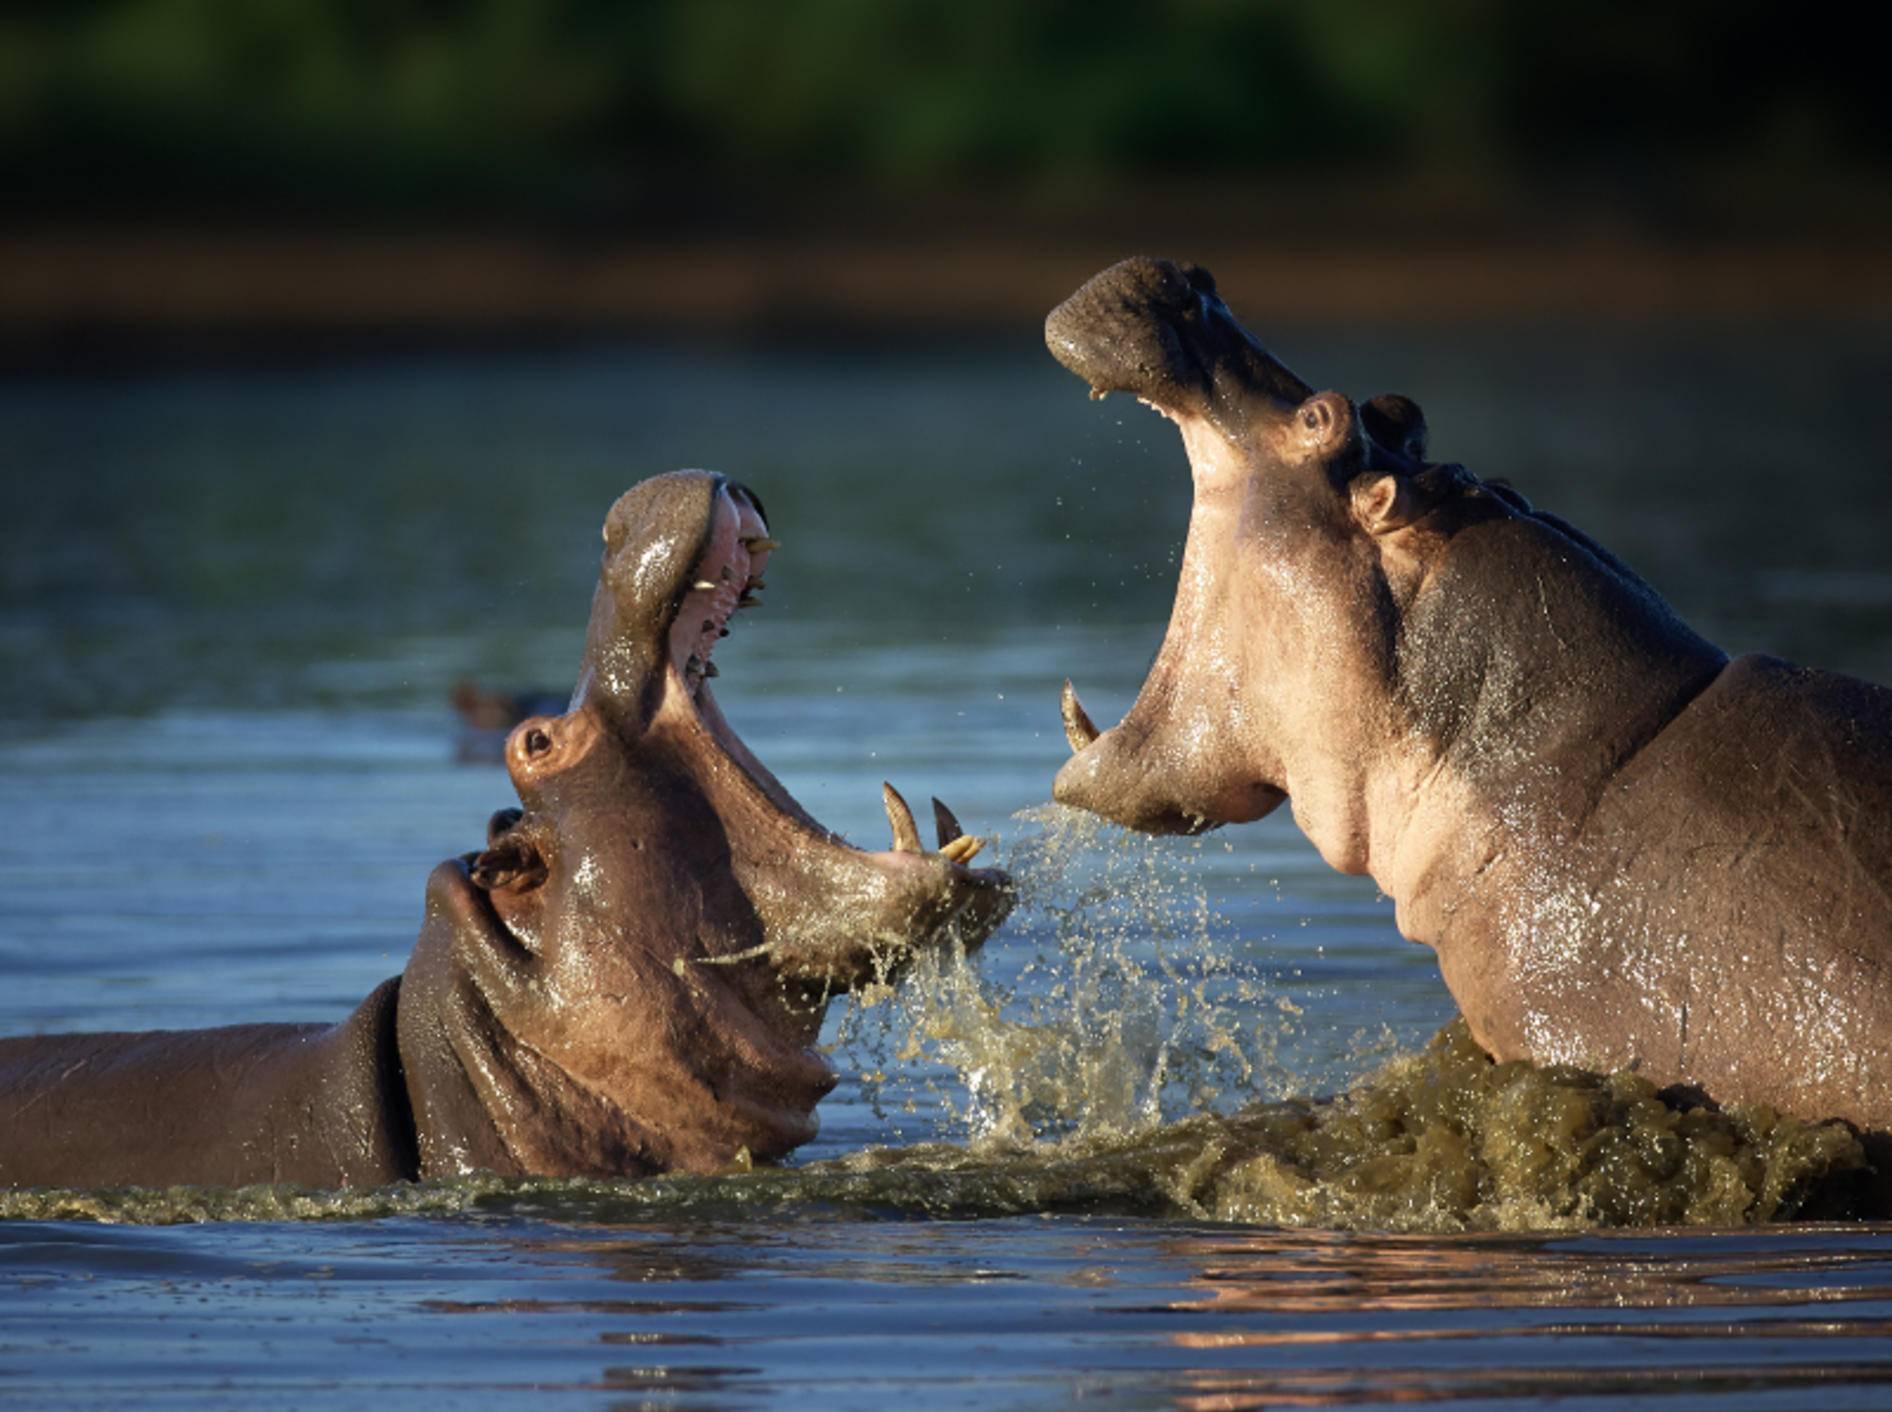 Nilpferde sind beeindruckende Säugetiere, über die es einiges Interessantes zu wissen gibt – Bild: Shutterstock / Johan Swanepoel